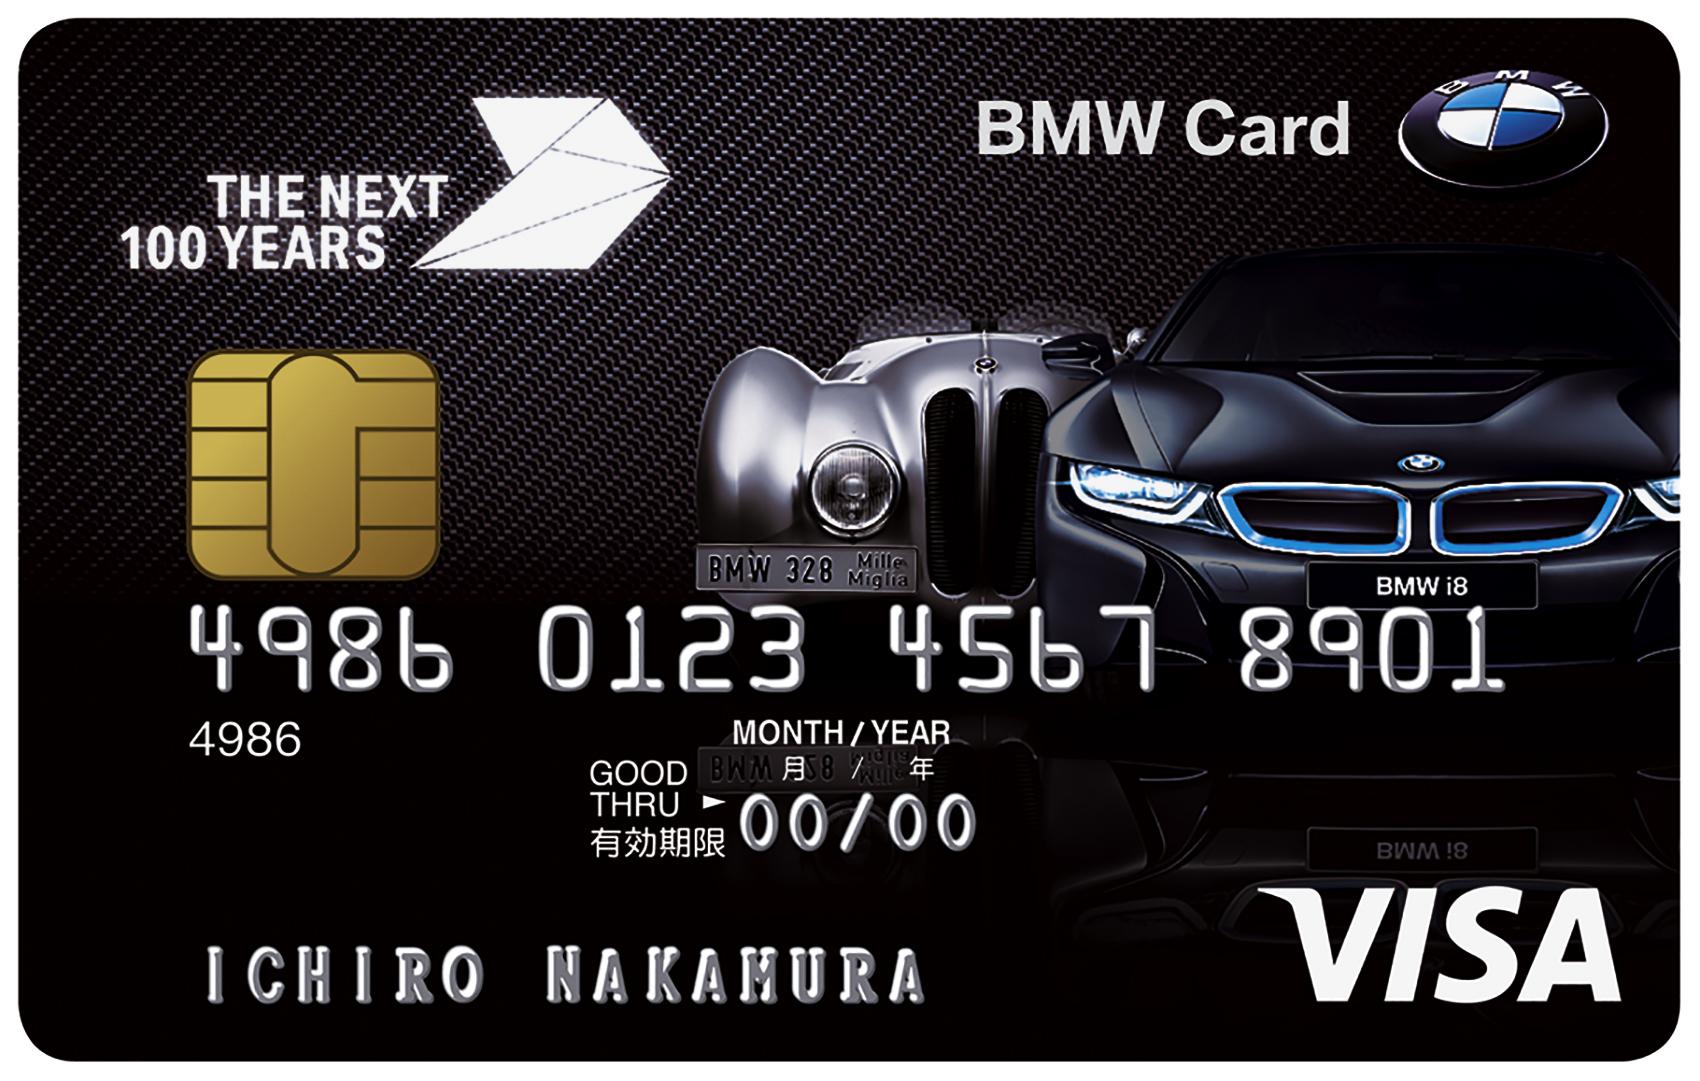 BMW100周年限定デザインのBMWクレジット・カードを発行!特典などについて調べてみました^^